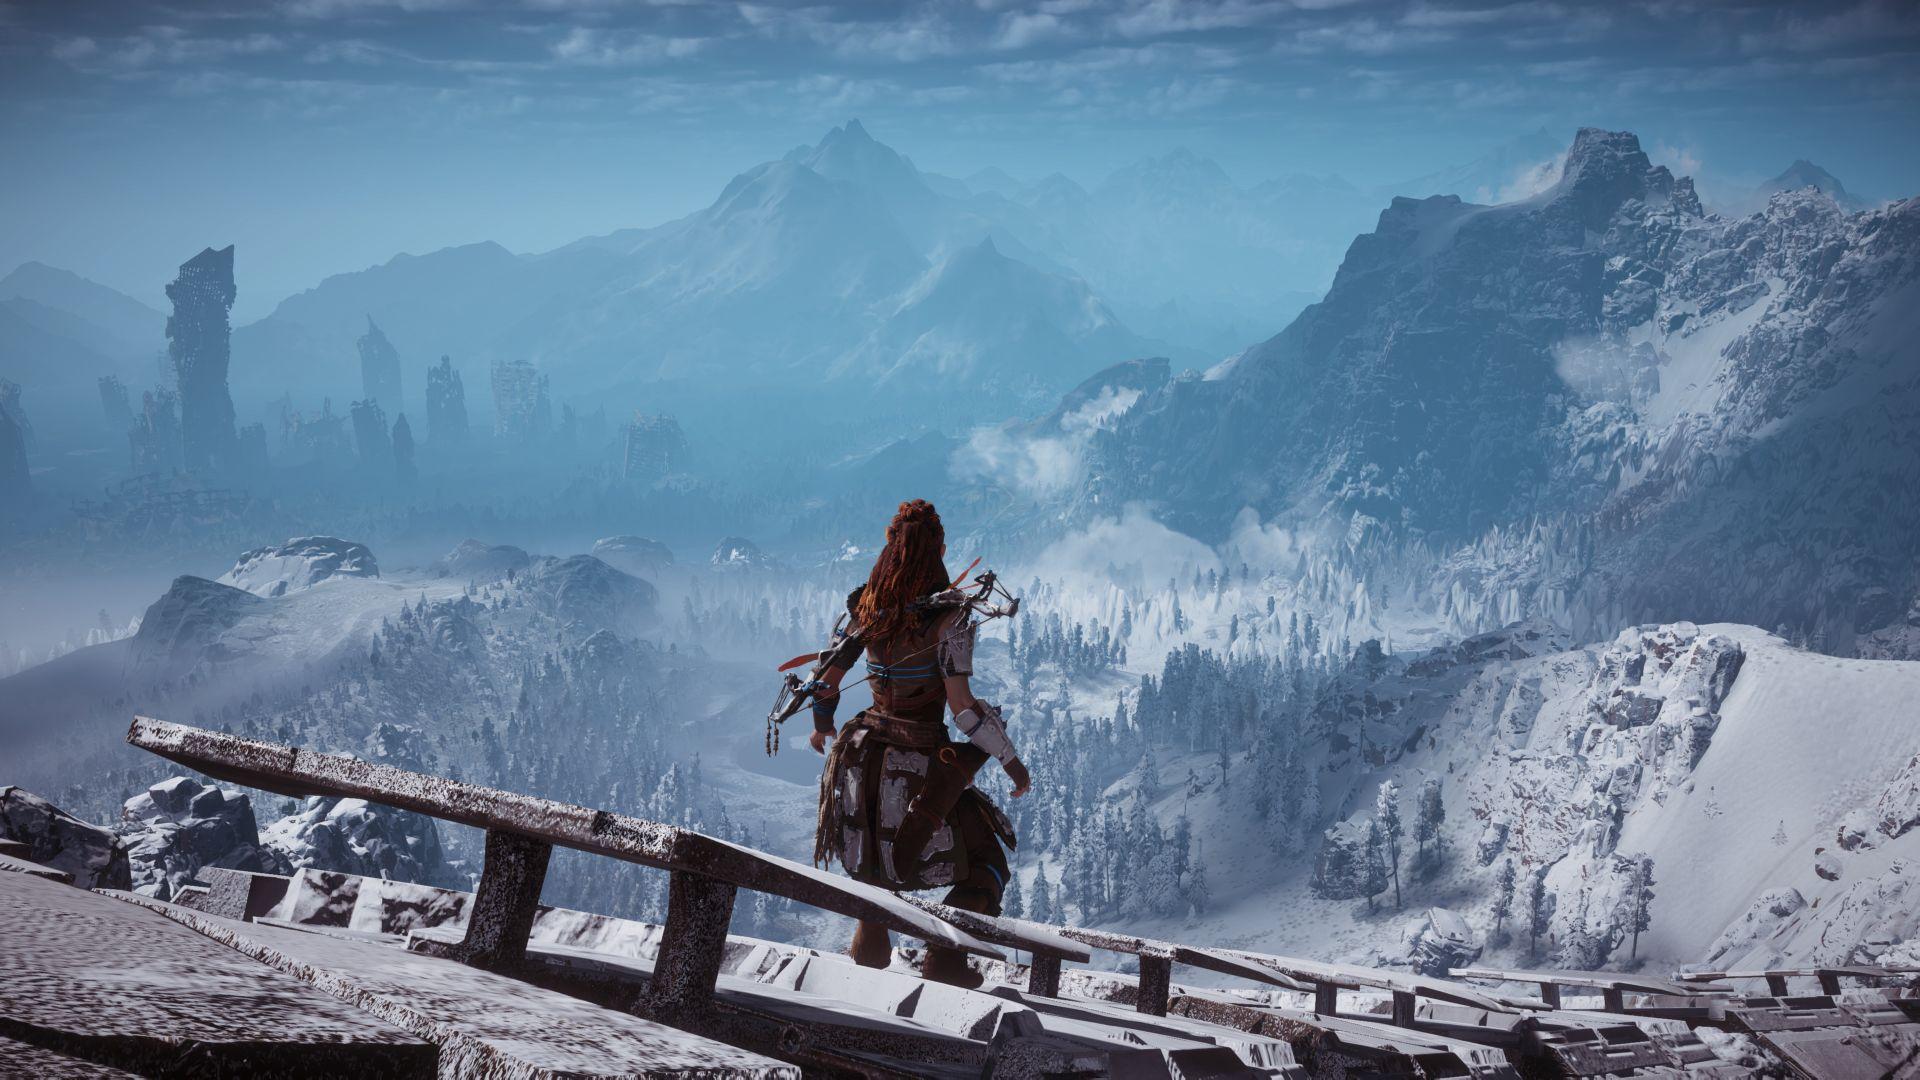 Wallpaper Horizon Zero Dawn, game, video game, mountains, alloy, valley